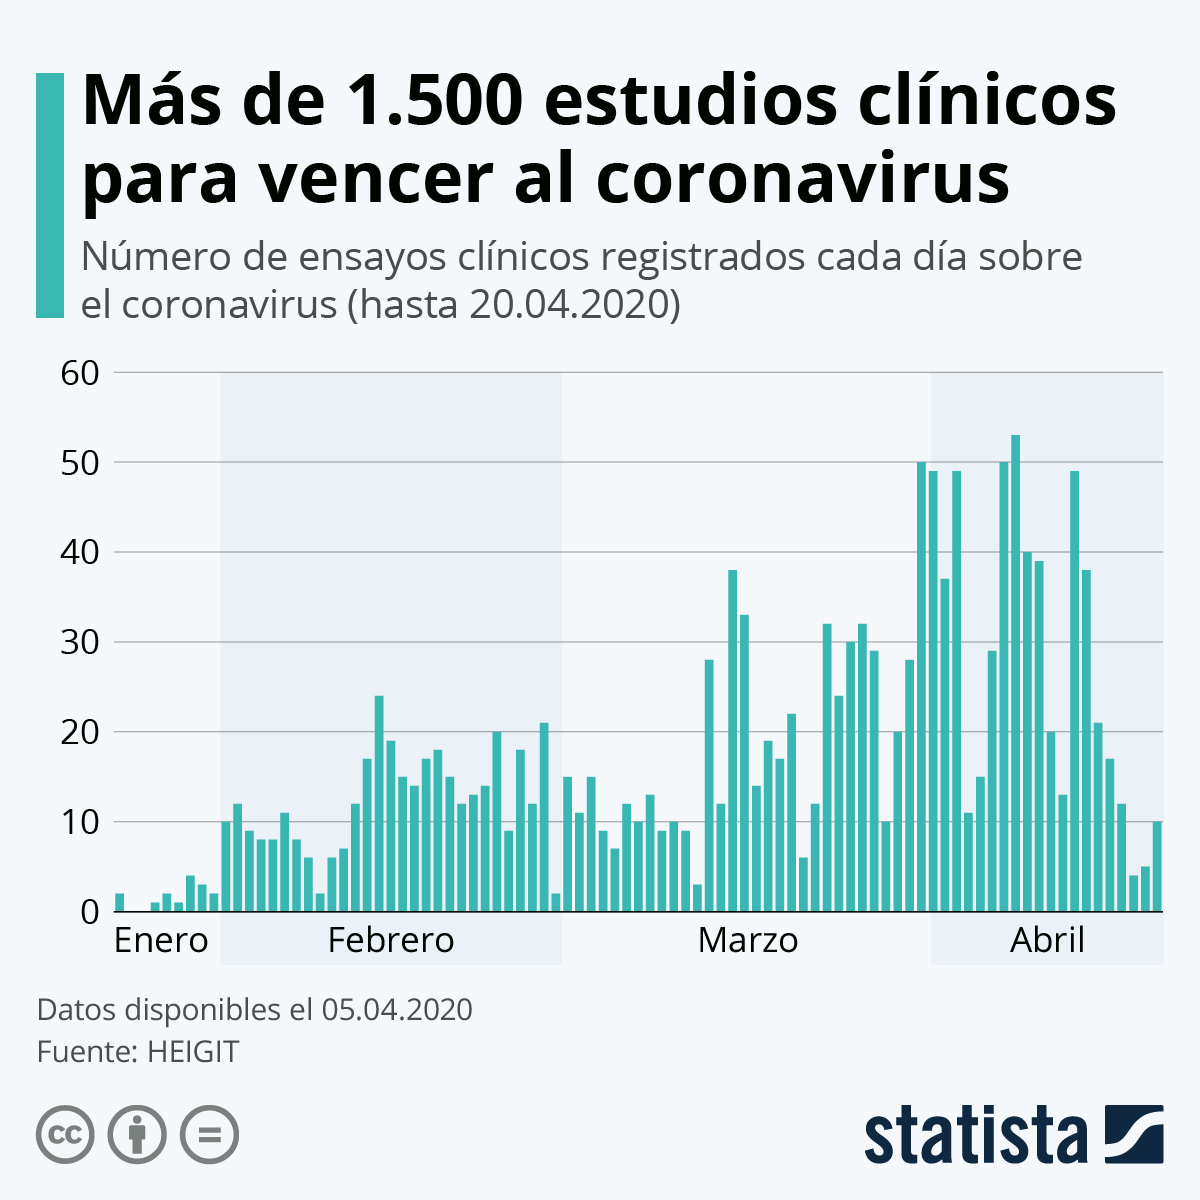 Infografía: Más de 1.500 estudios clínicos para vencer al coronavirus | Statista